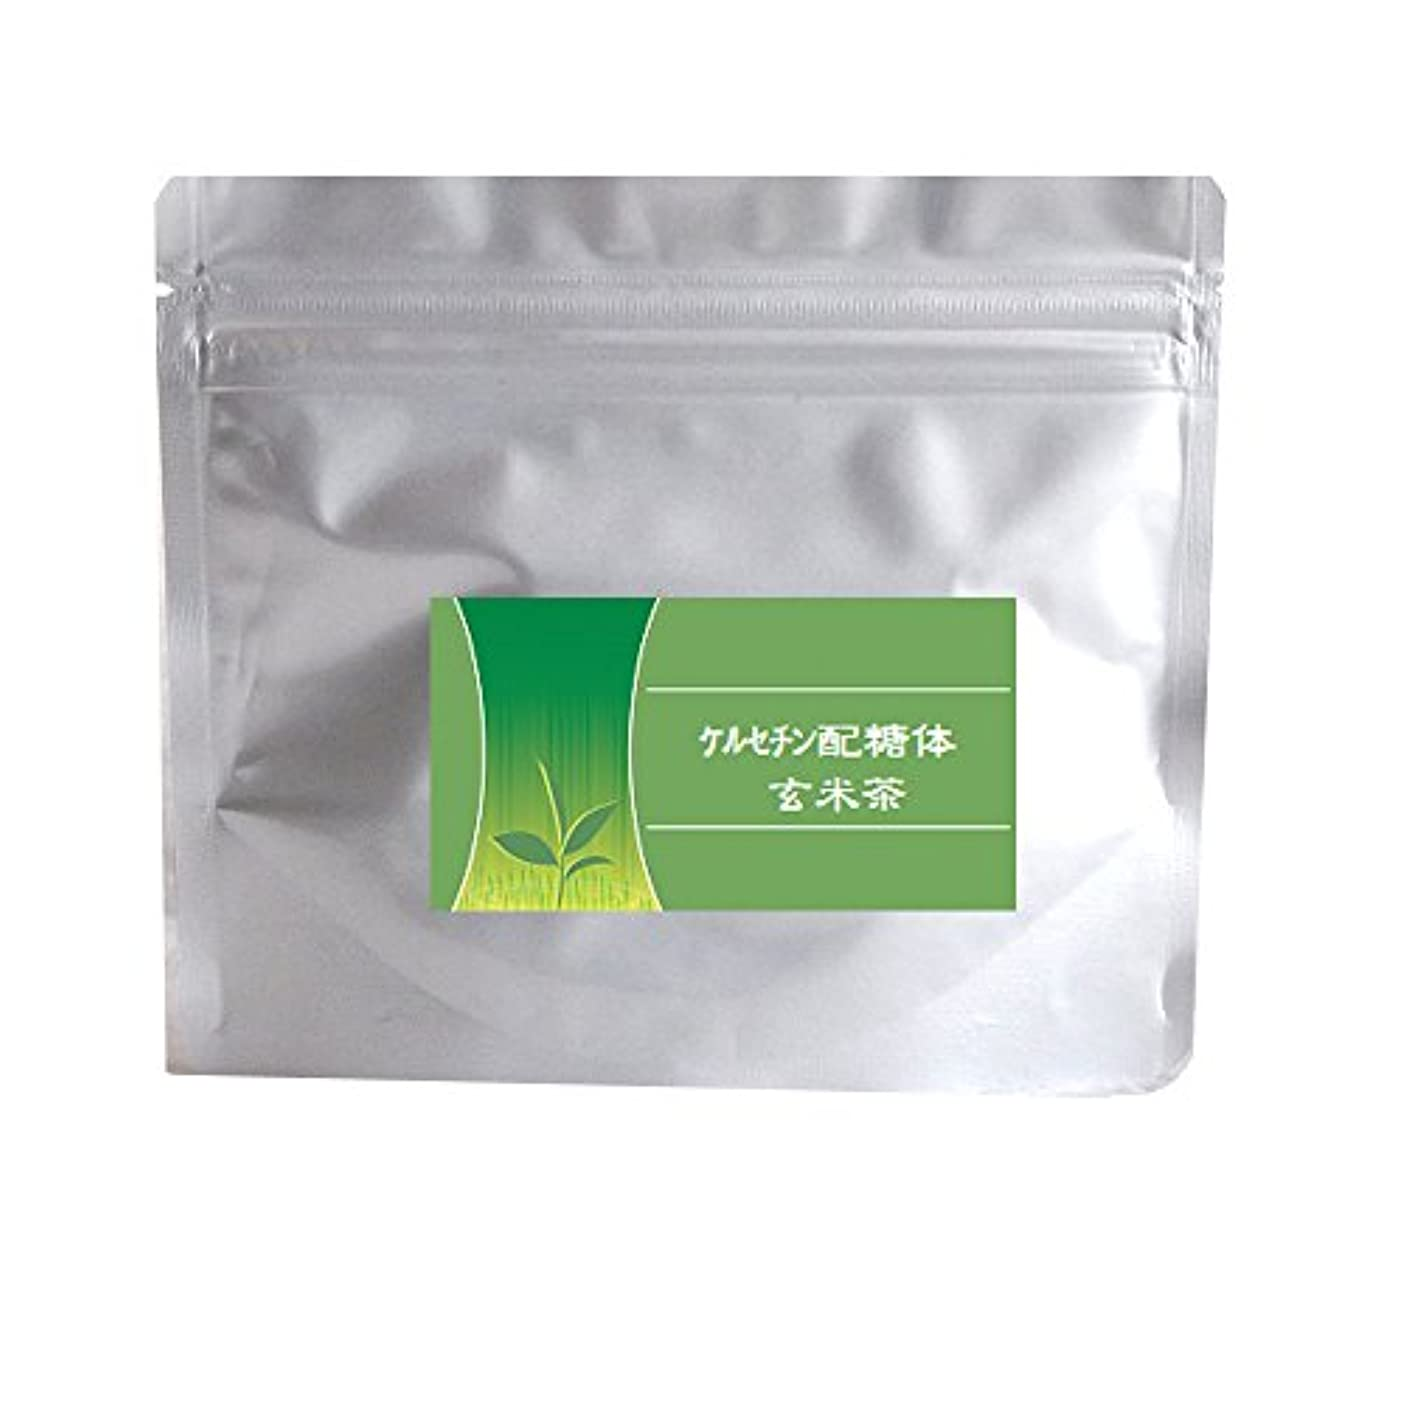 マイクロールに負けるケルセチン配糖体ドリンク 玄米茶60g(e) ケルセチン配糖体 お茶 粉末茶 ダイエット茶